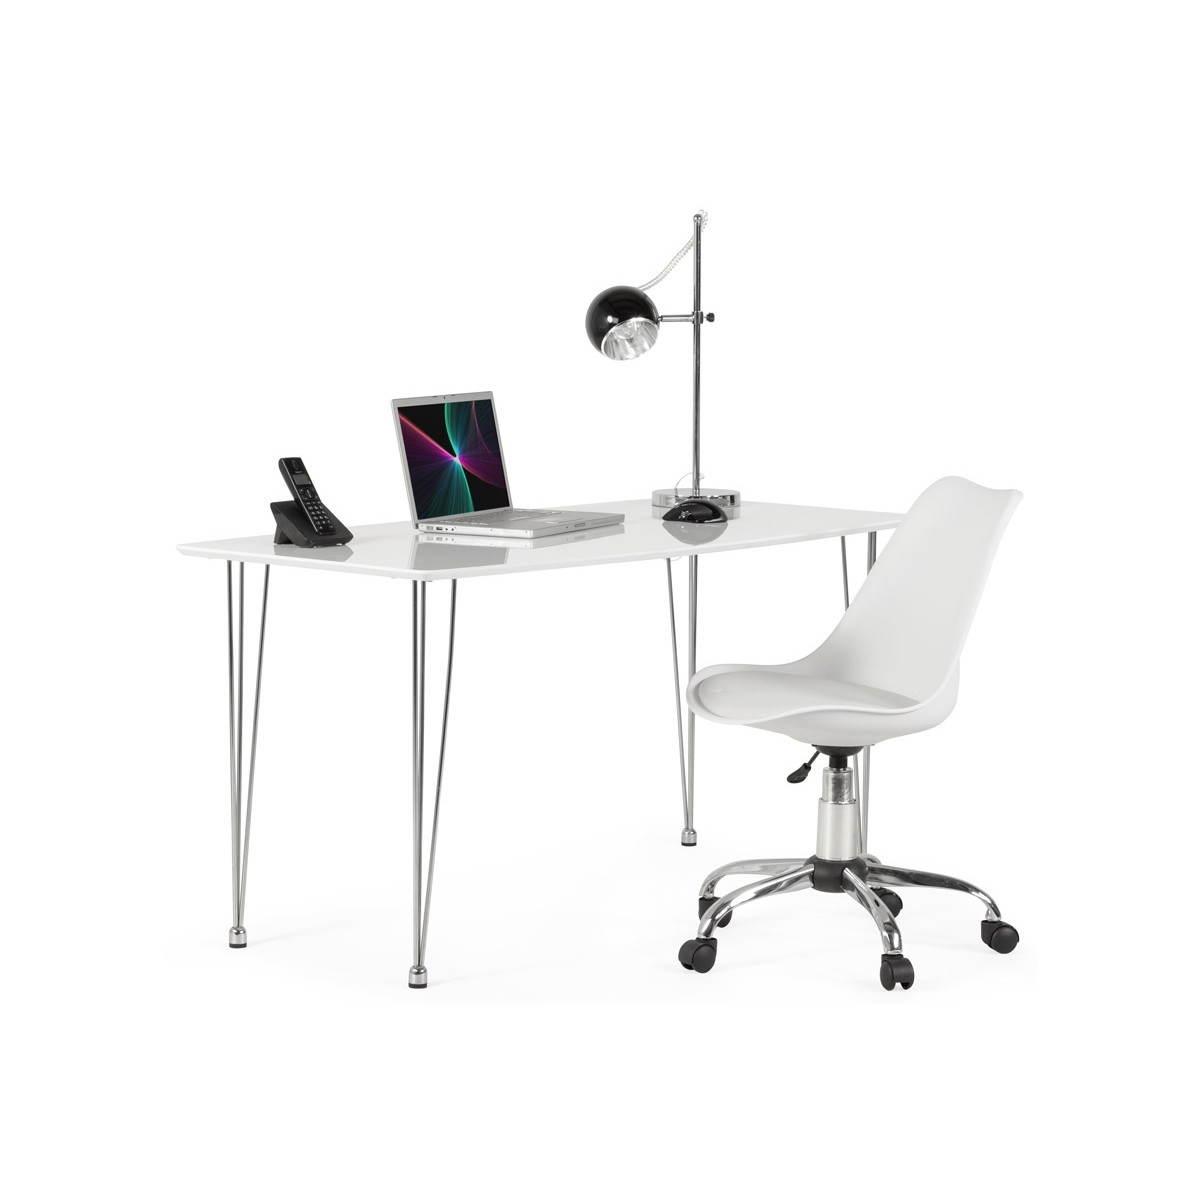 chaise de bureau design paul en simili cuir et m tal chrom blanc fran ais french. Black Bedroom Furniture Sets. Home Design Ideas